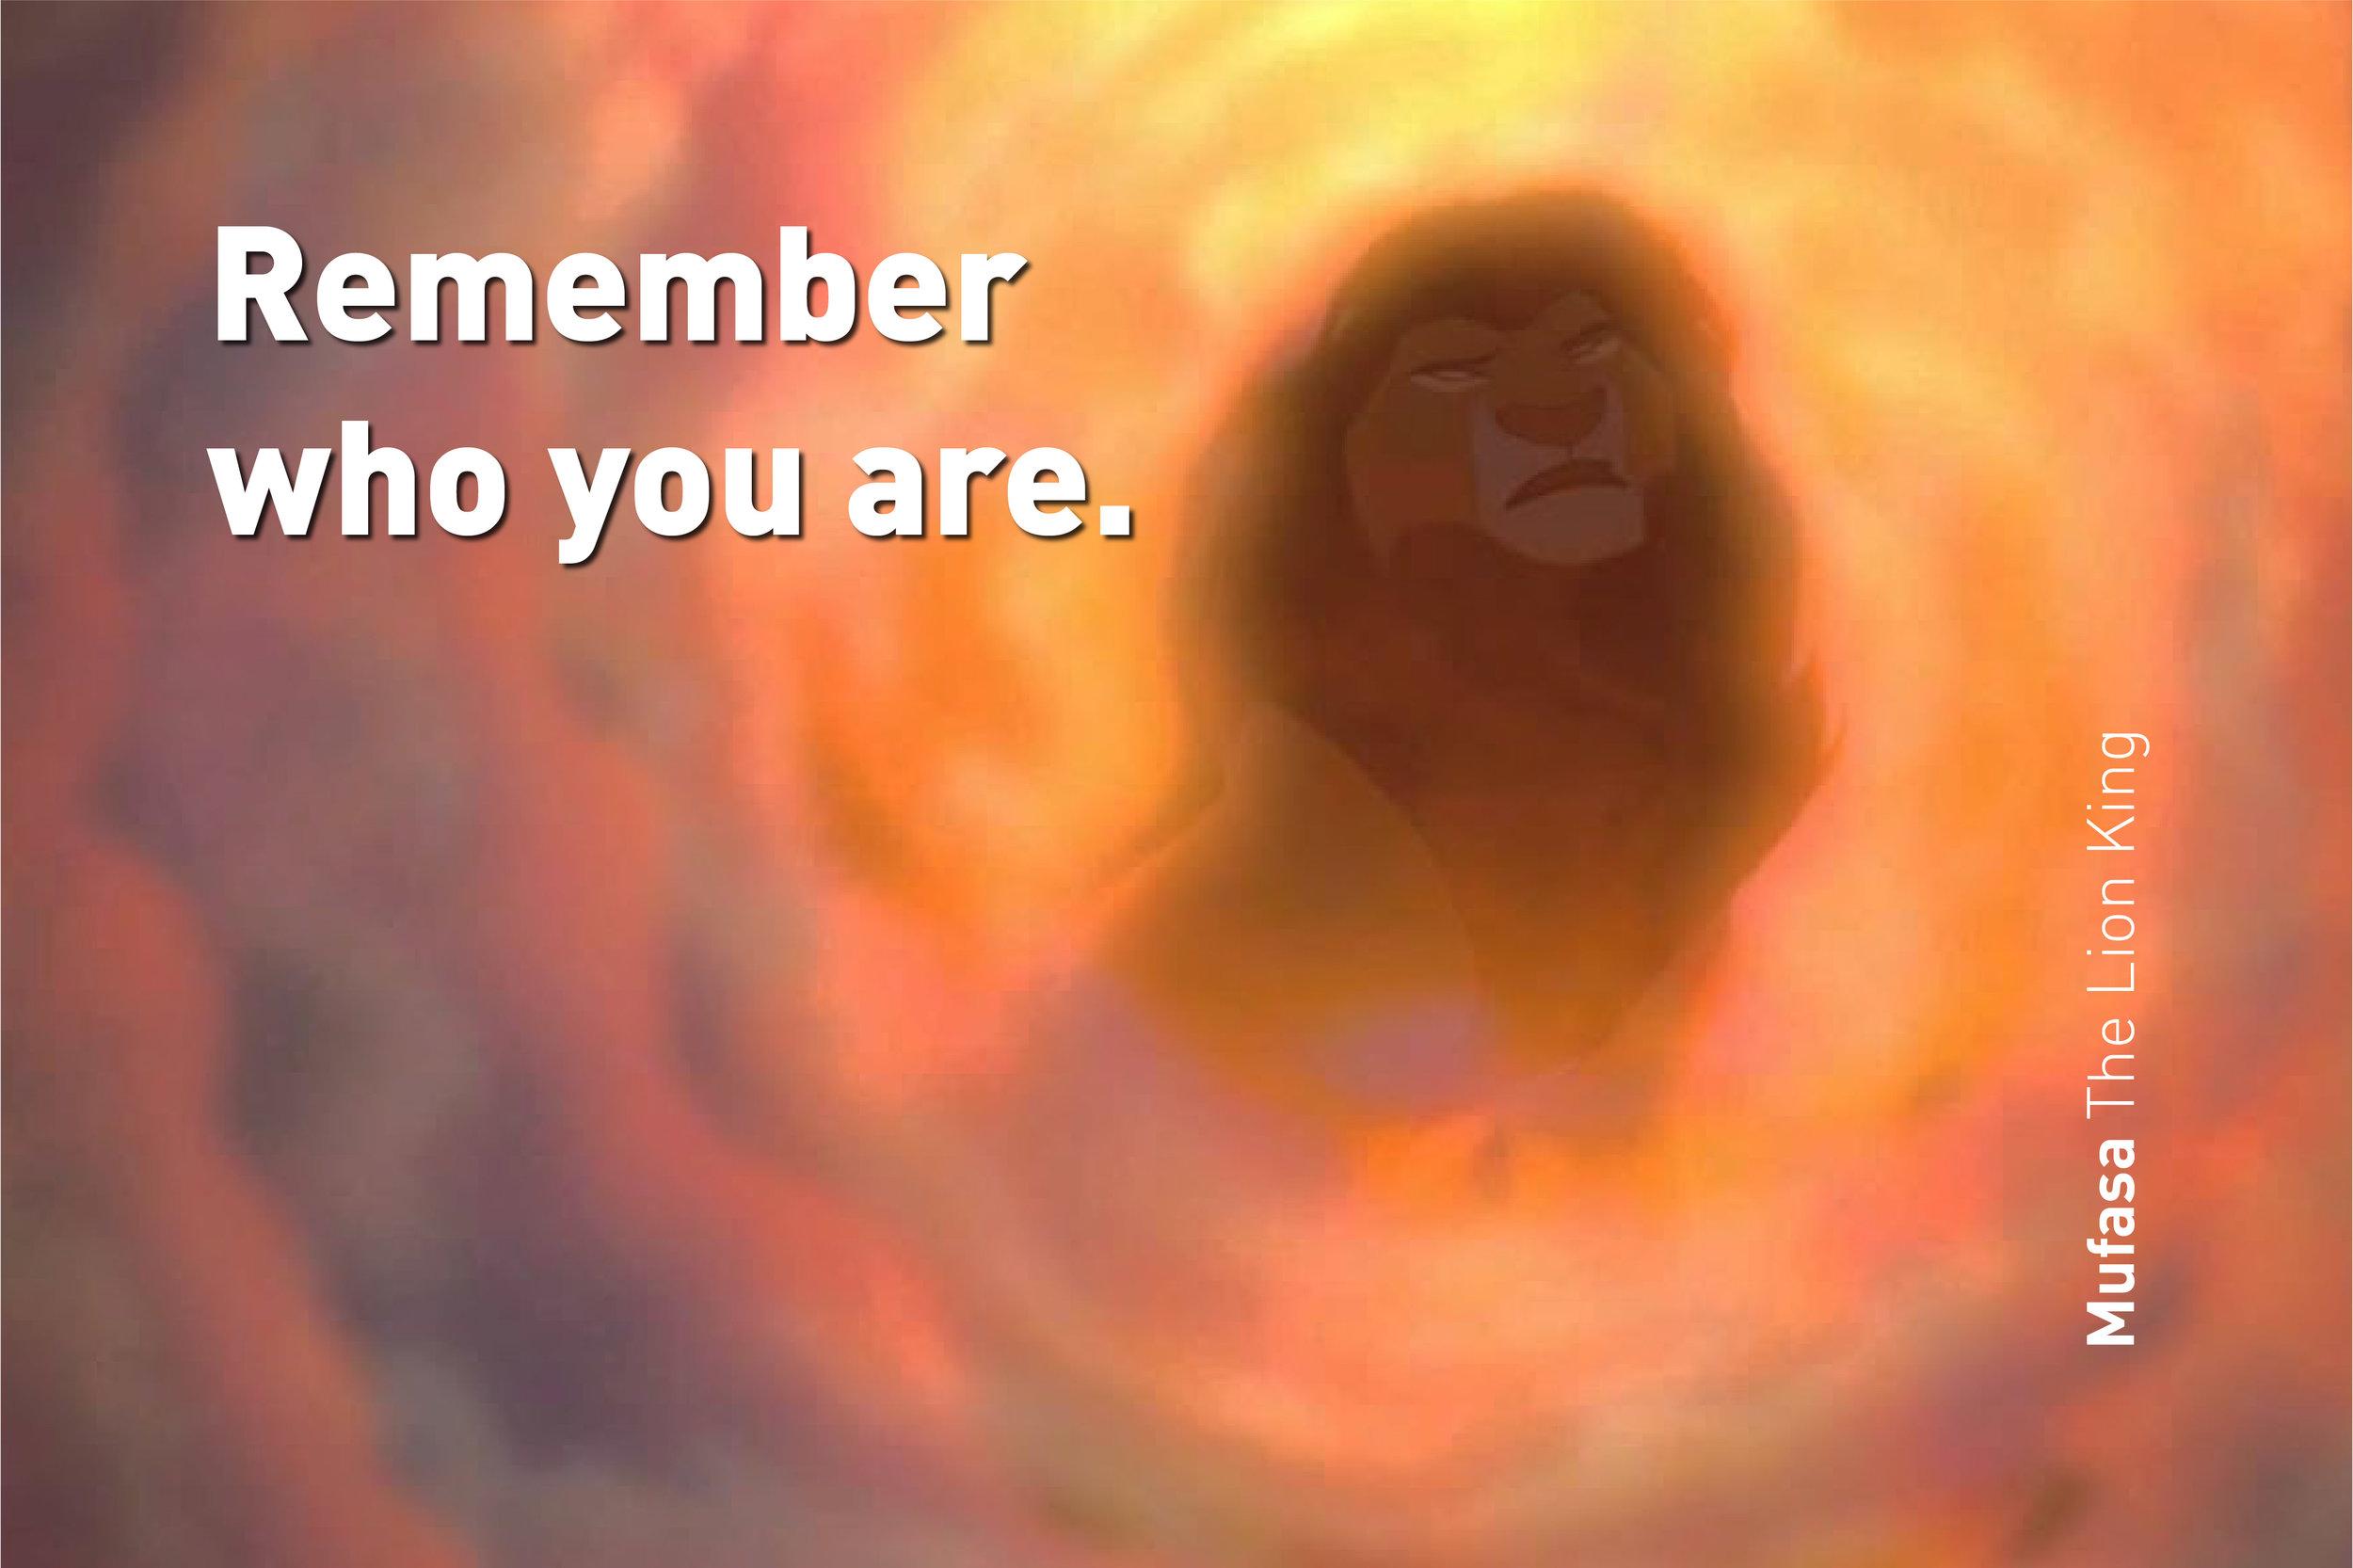 Image courtesy of Disney via Google Images.